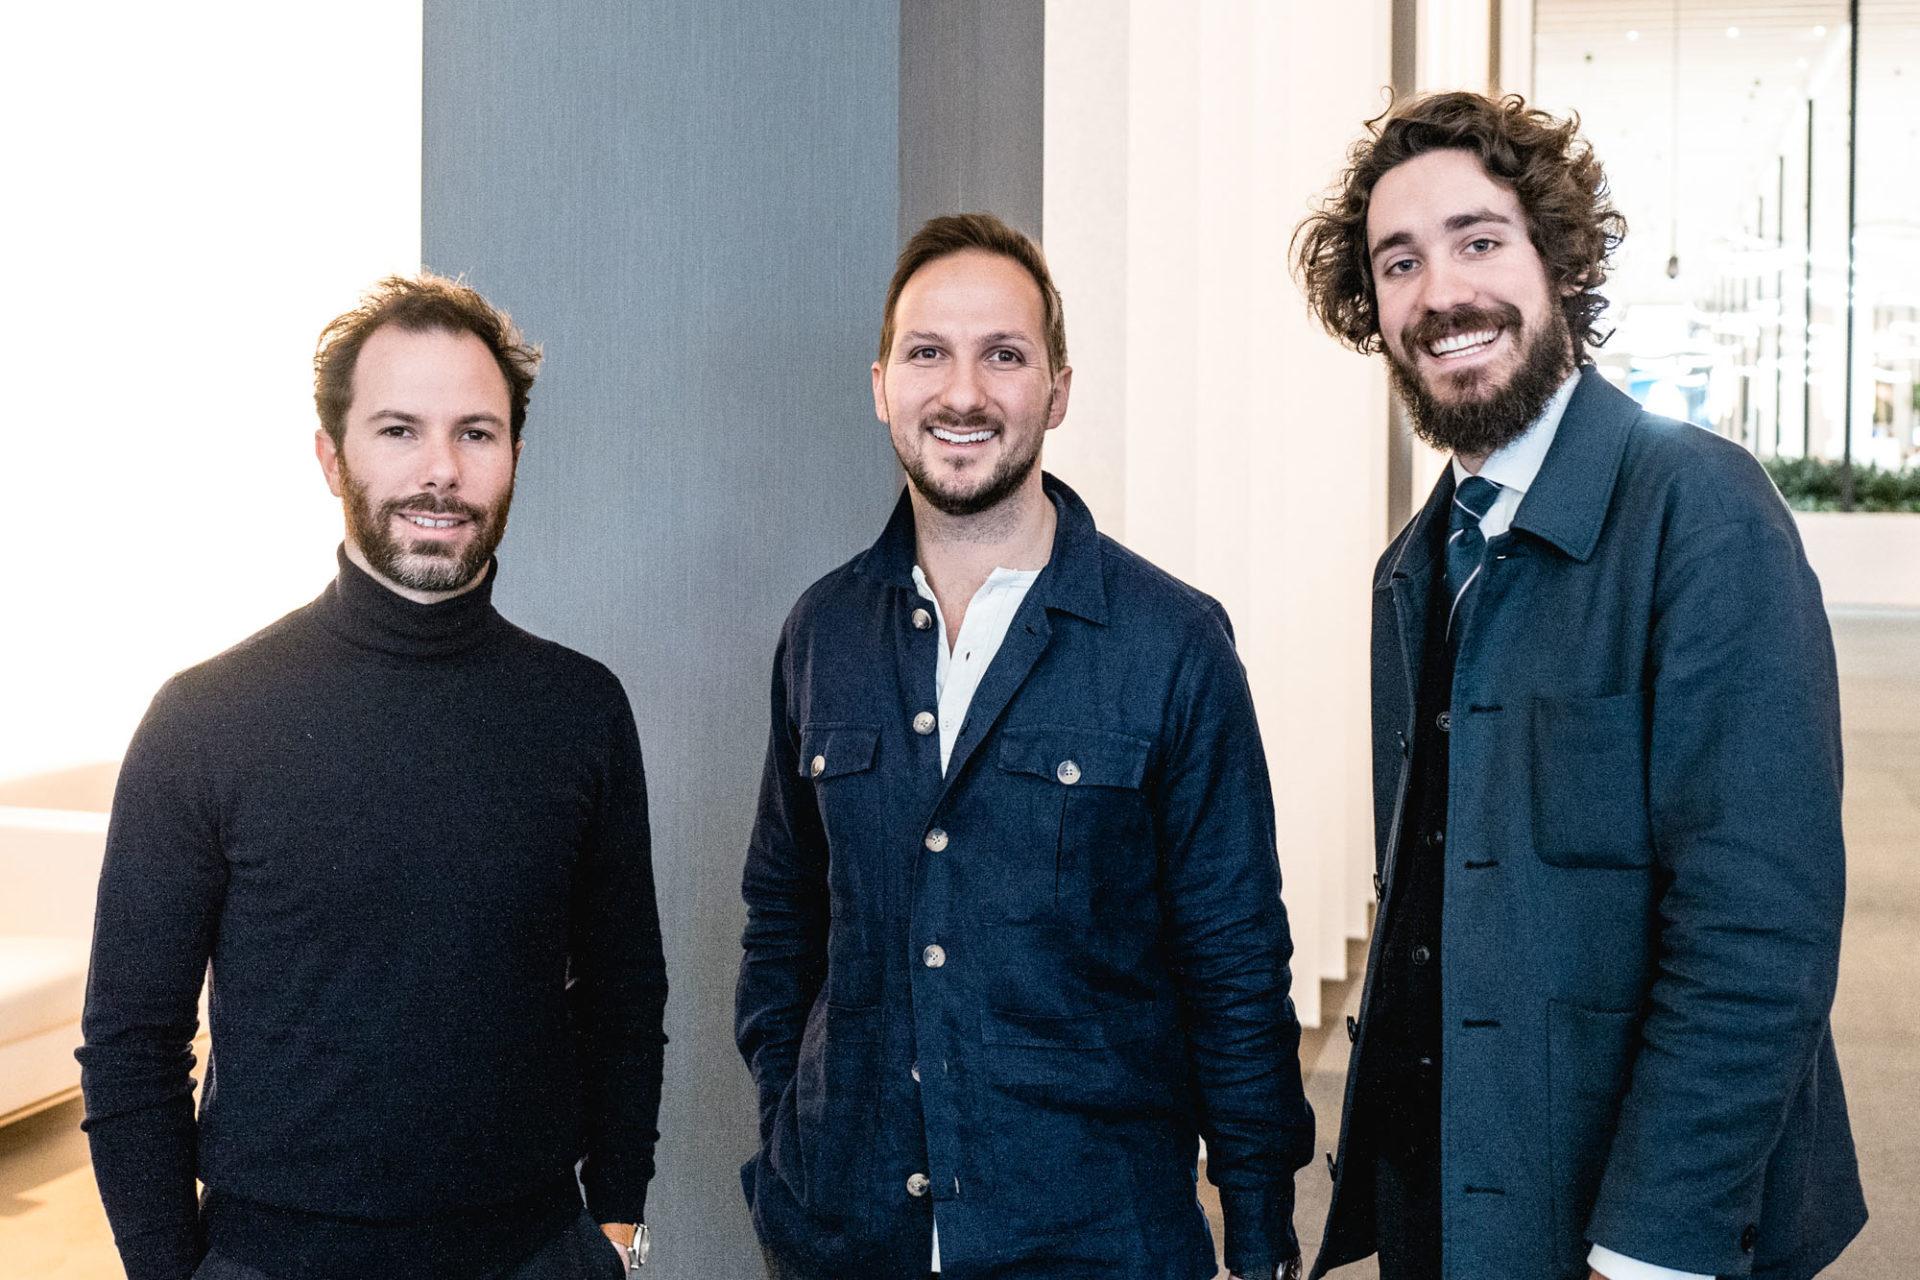 L'équipe Les Rhabilleurs - Gabriel, Jérôme & Nicolas